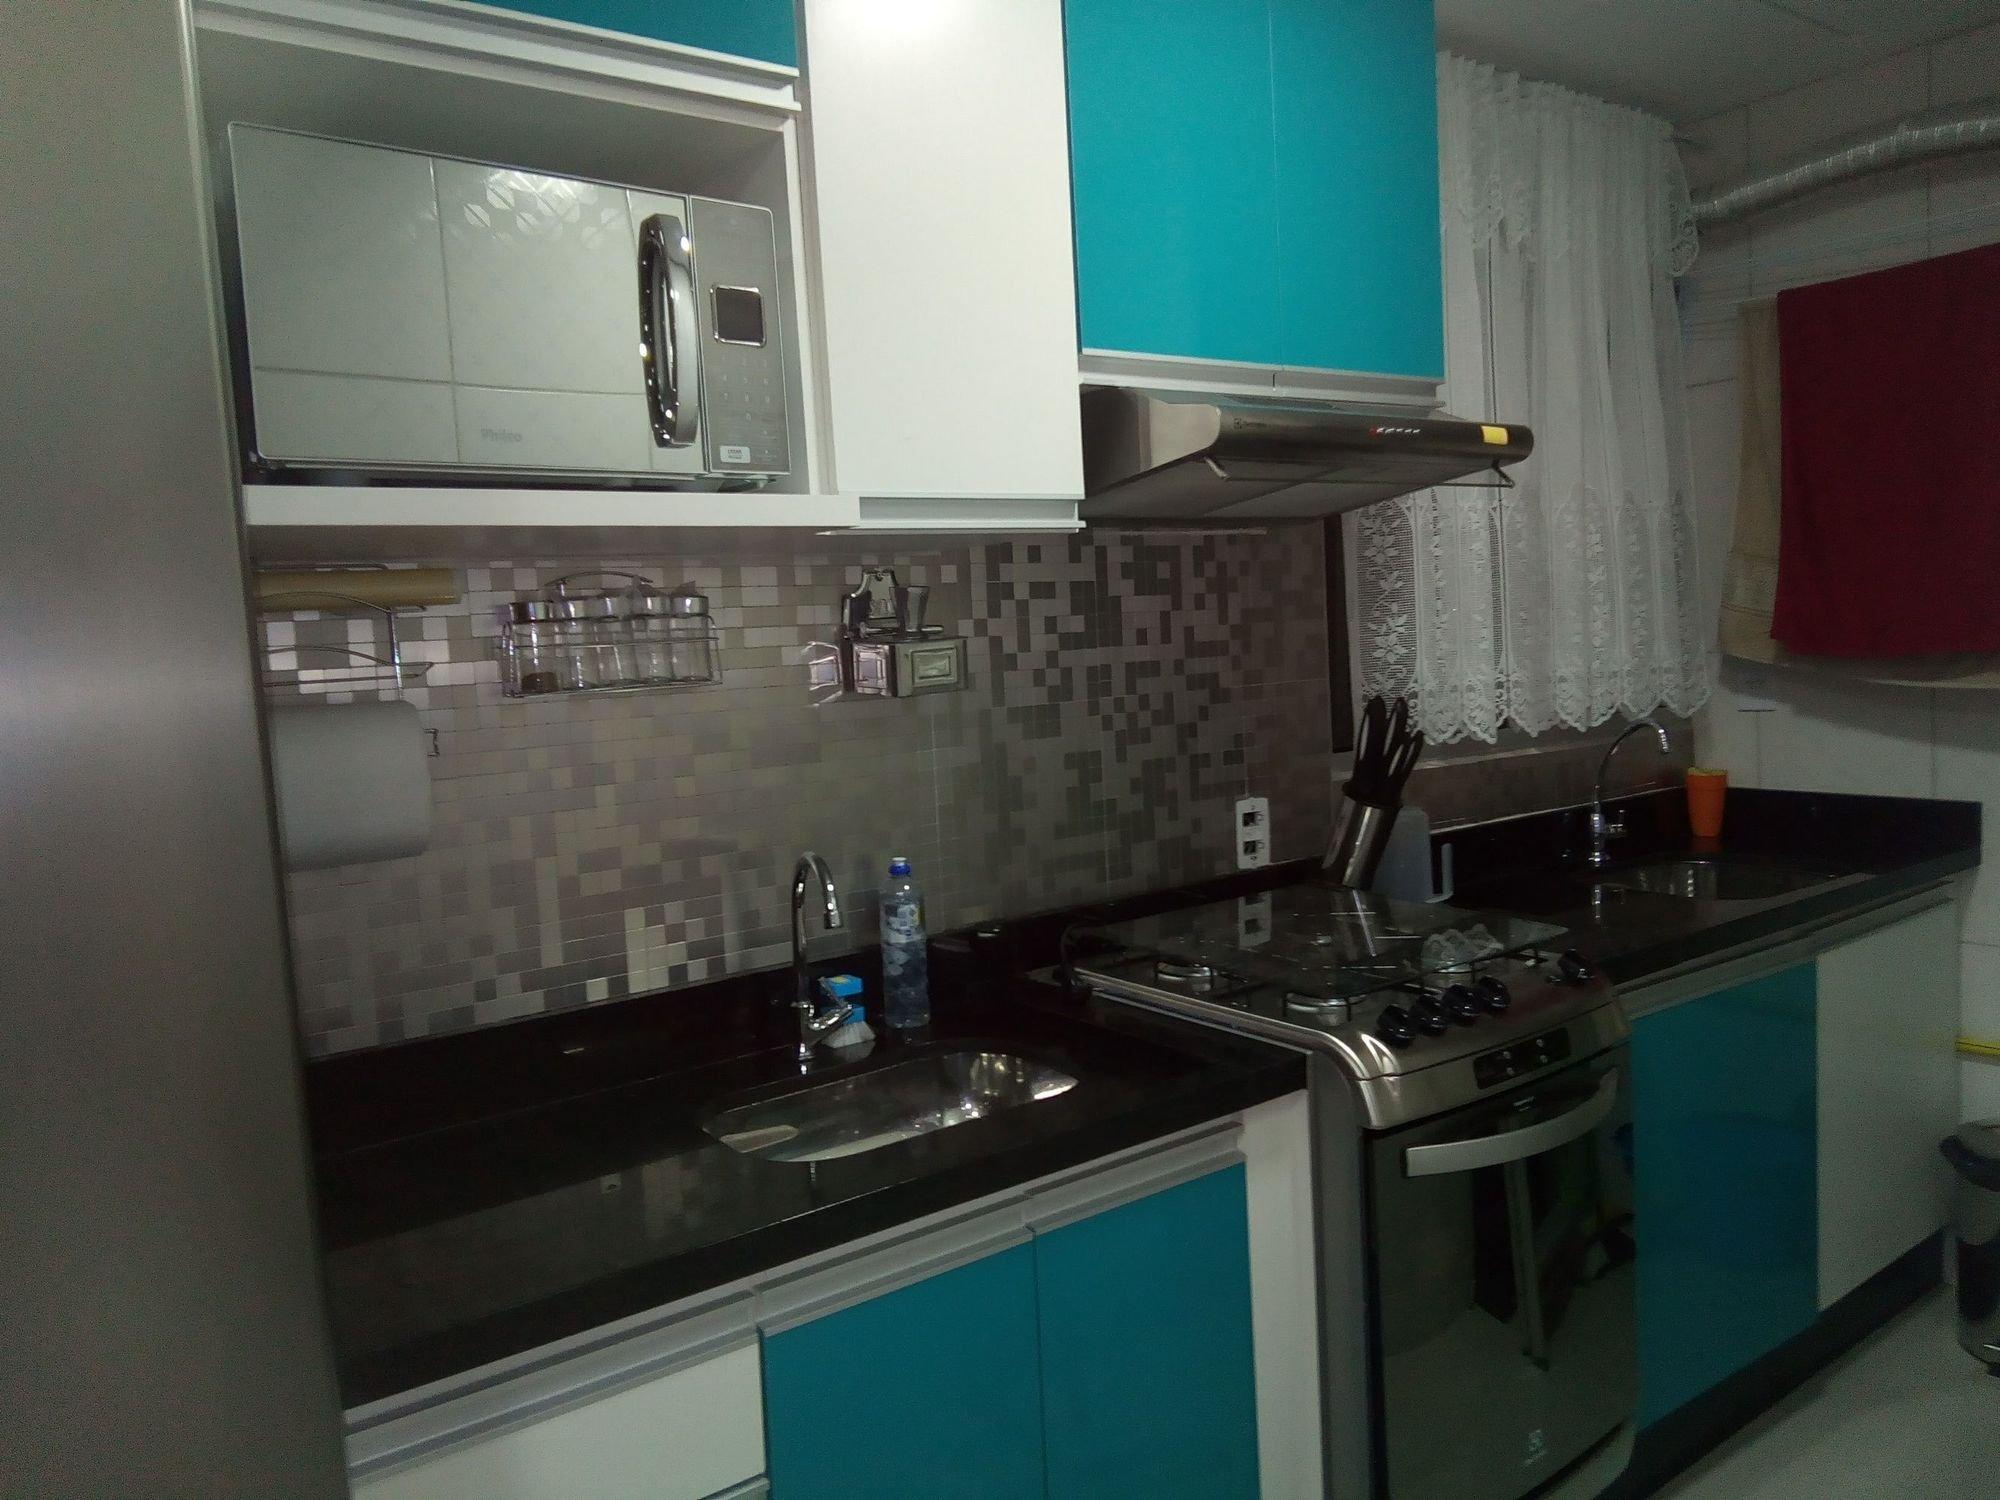 Foto de Cozinha com faca, garrafa, forno, pia, microondas, xícara